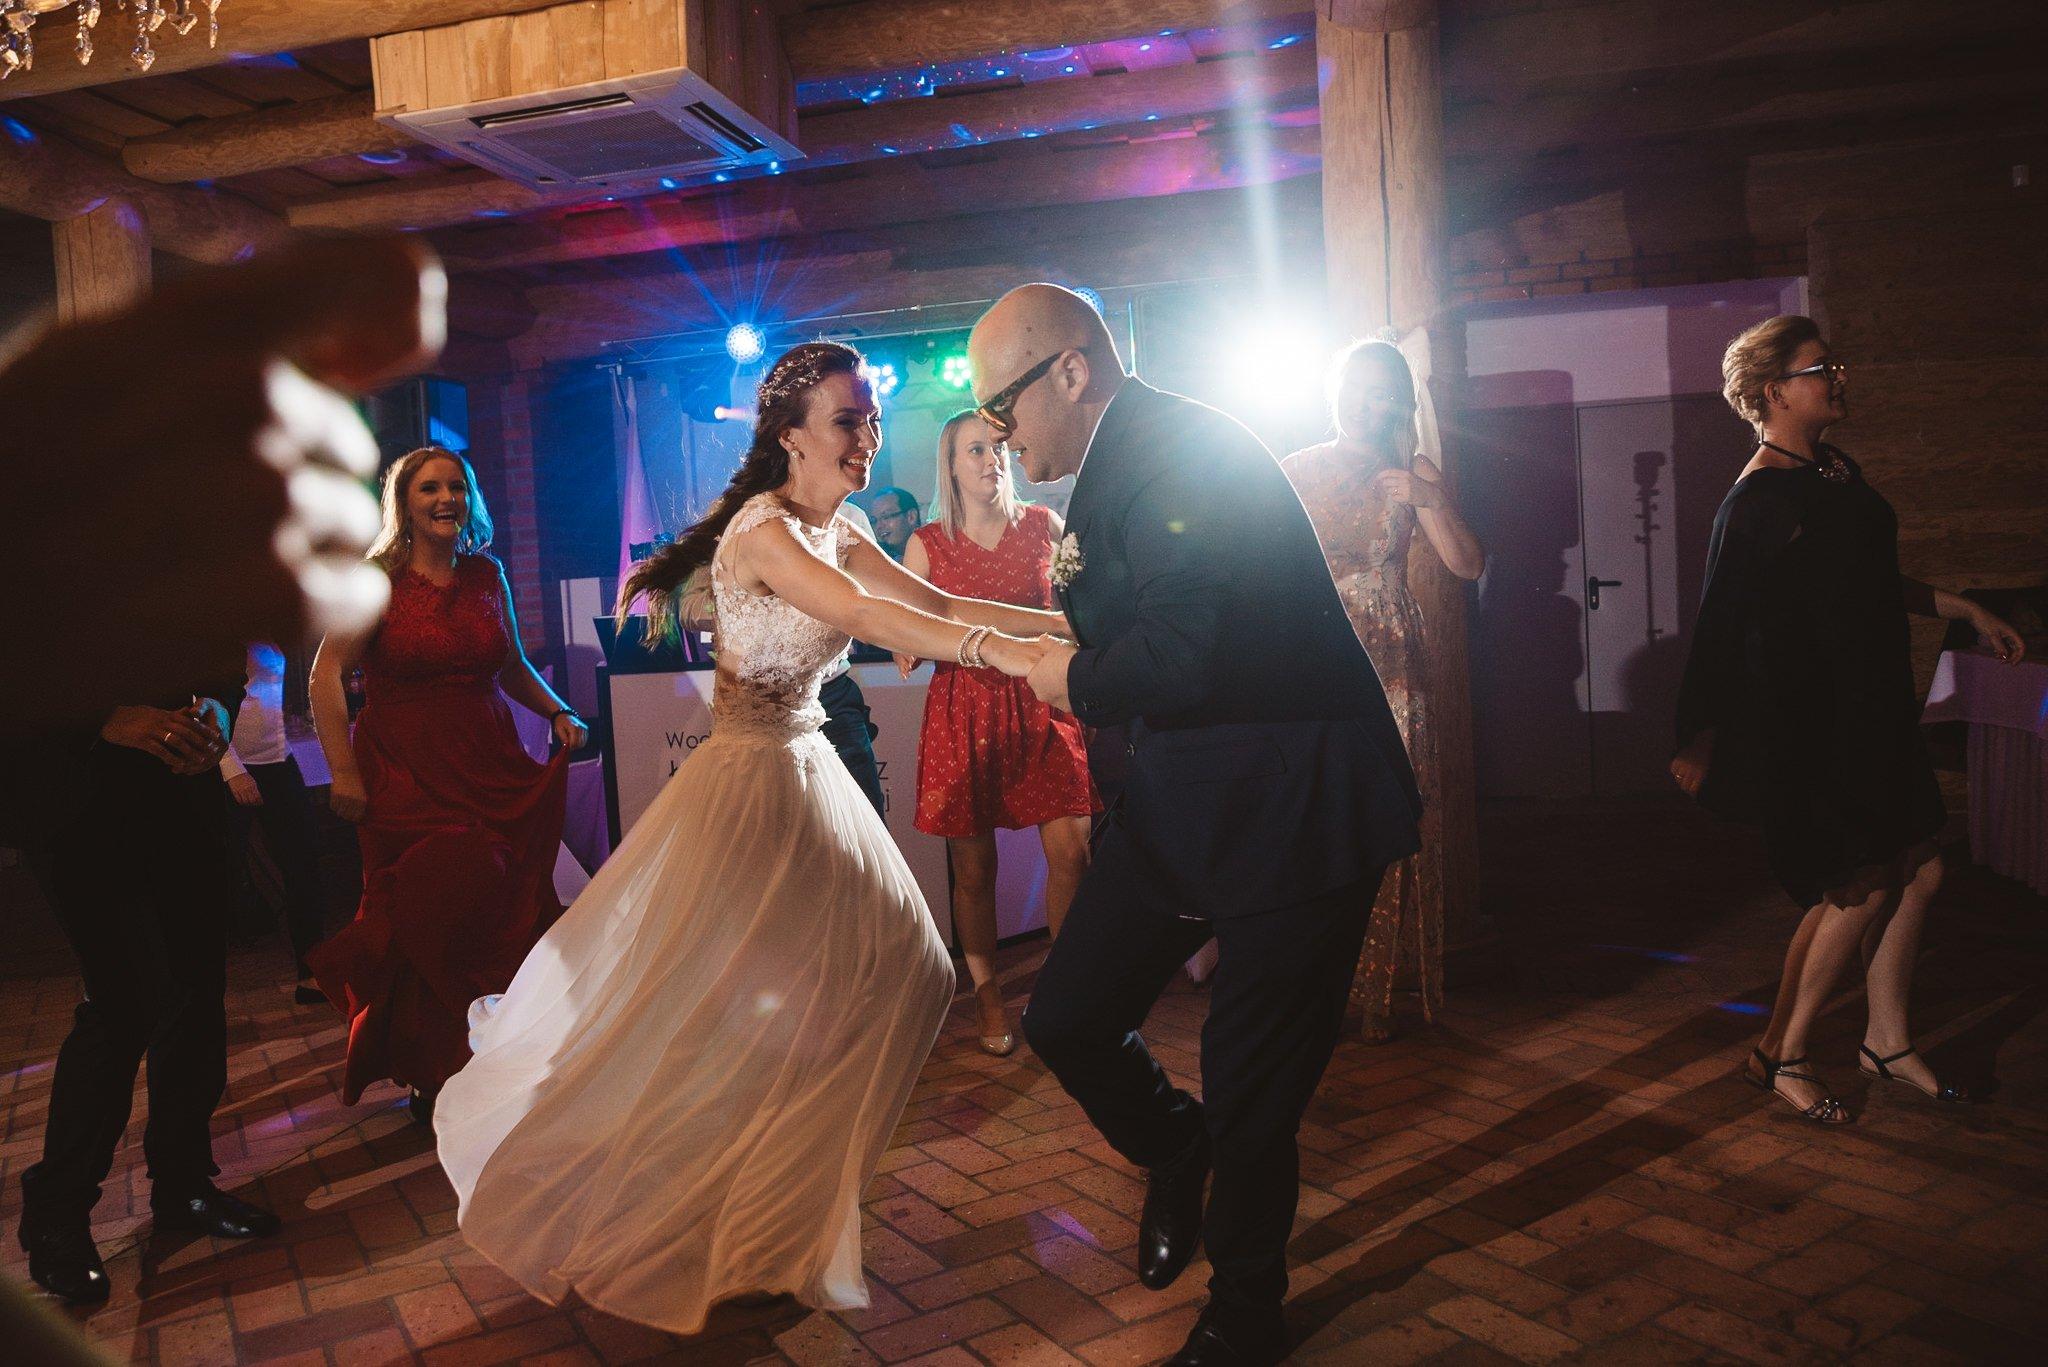 Ala i Arek, czyli jak zorganizować ślub i wesele w 4 tygodnie! 238